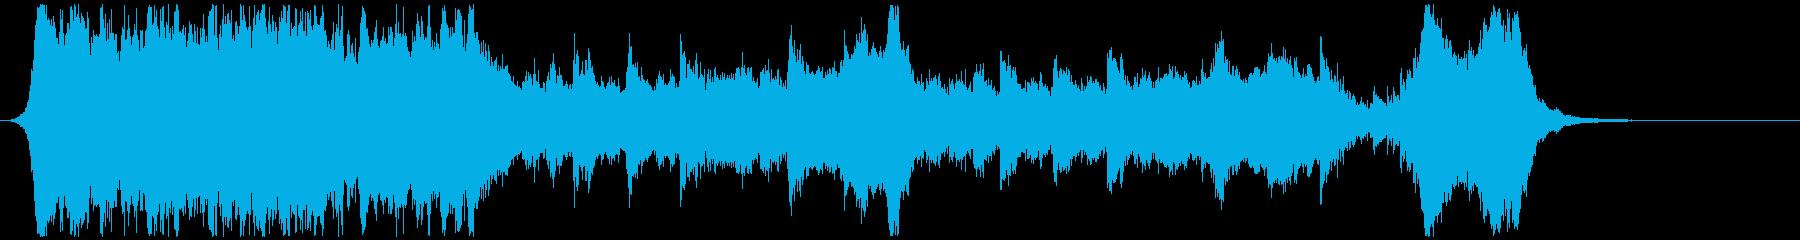 ハリウッド映画風の壮大なオーケストラCの再生済みの波形